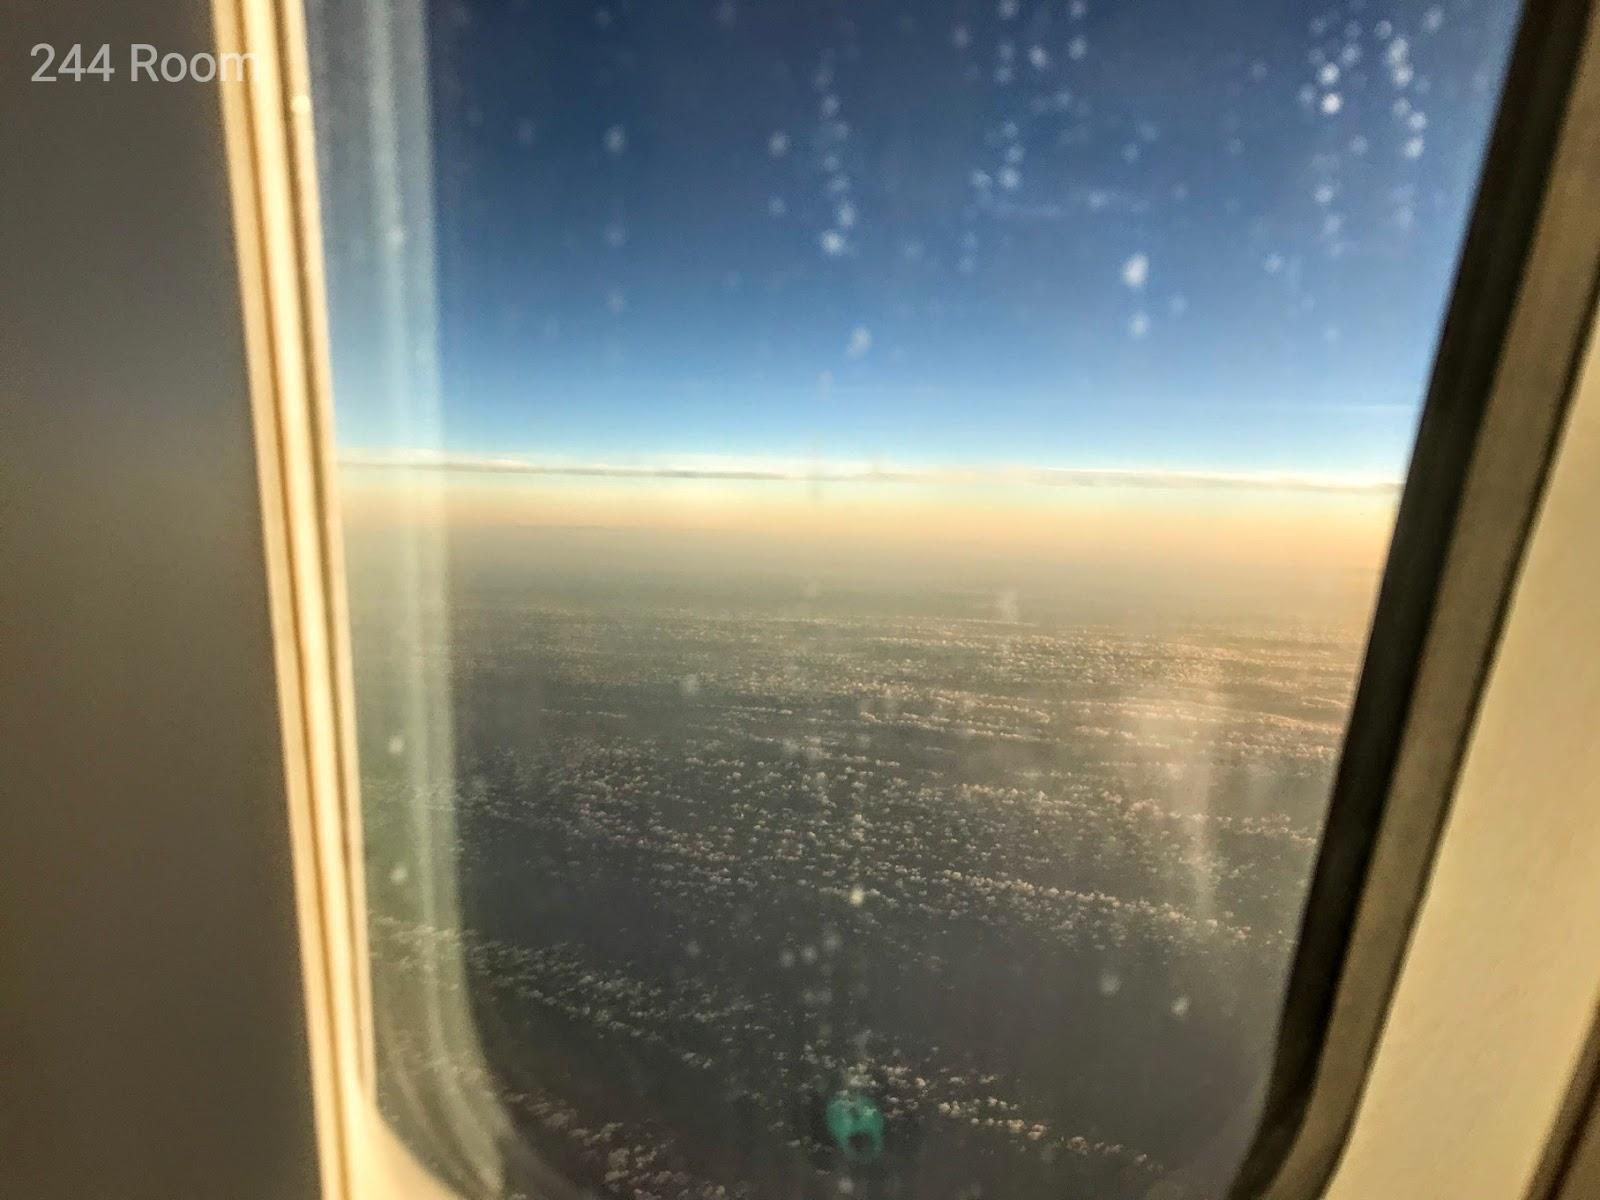 JALビジネスクラスシート窓 Business class window